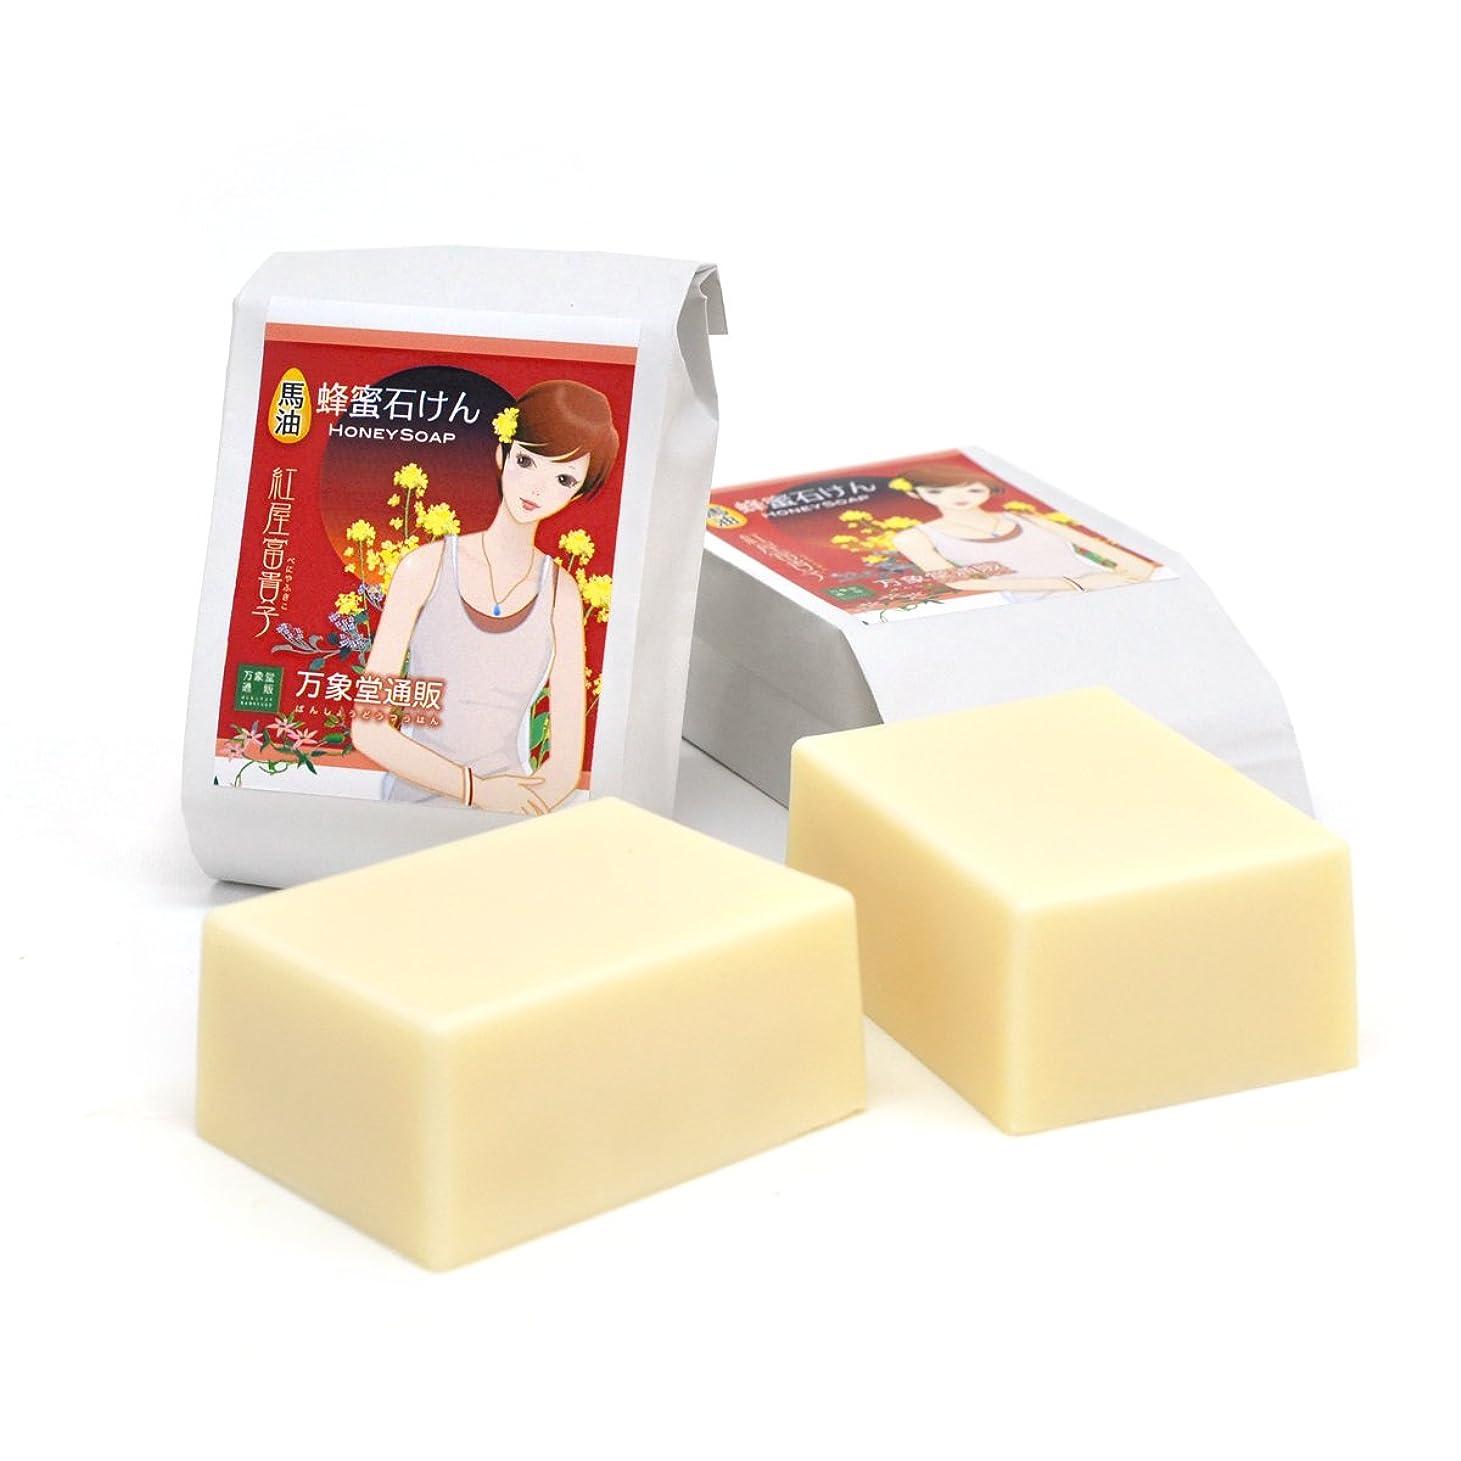 取り壊すブレス見る森羅万象堂 馬油石鹸 90g×2個 (国産)熊本県産 国産蜂蜜配合